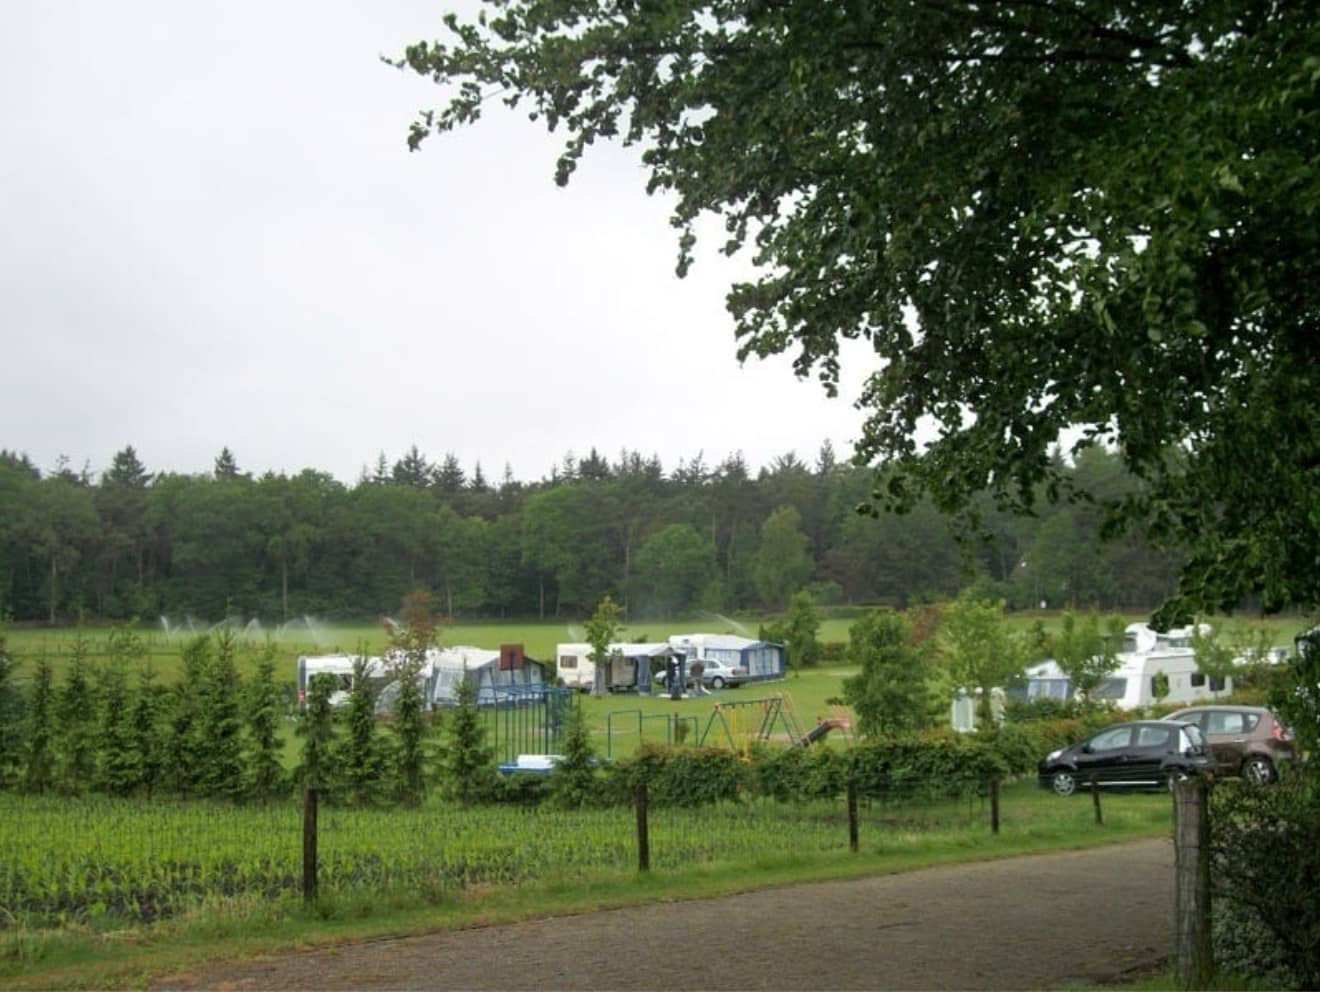 Kamperen bij de boer 4 - camping de prinsenhoeve